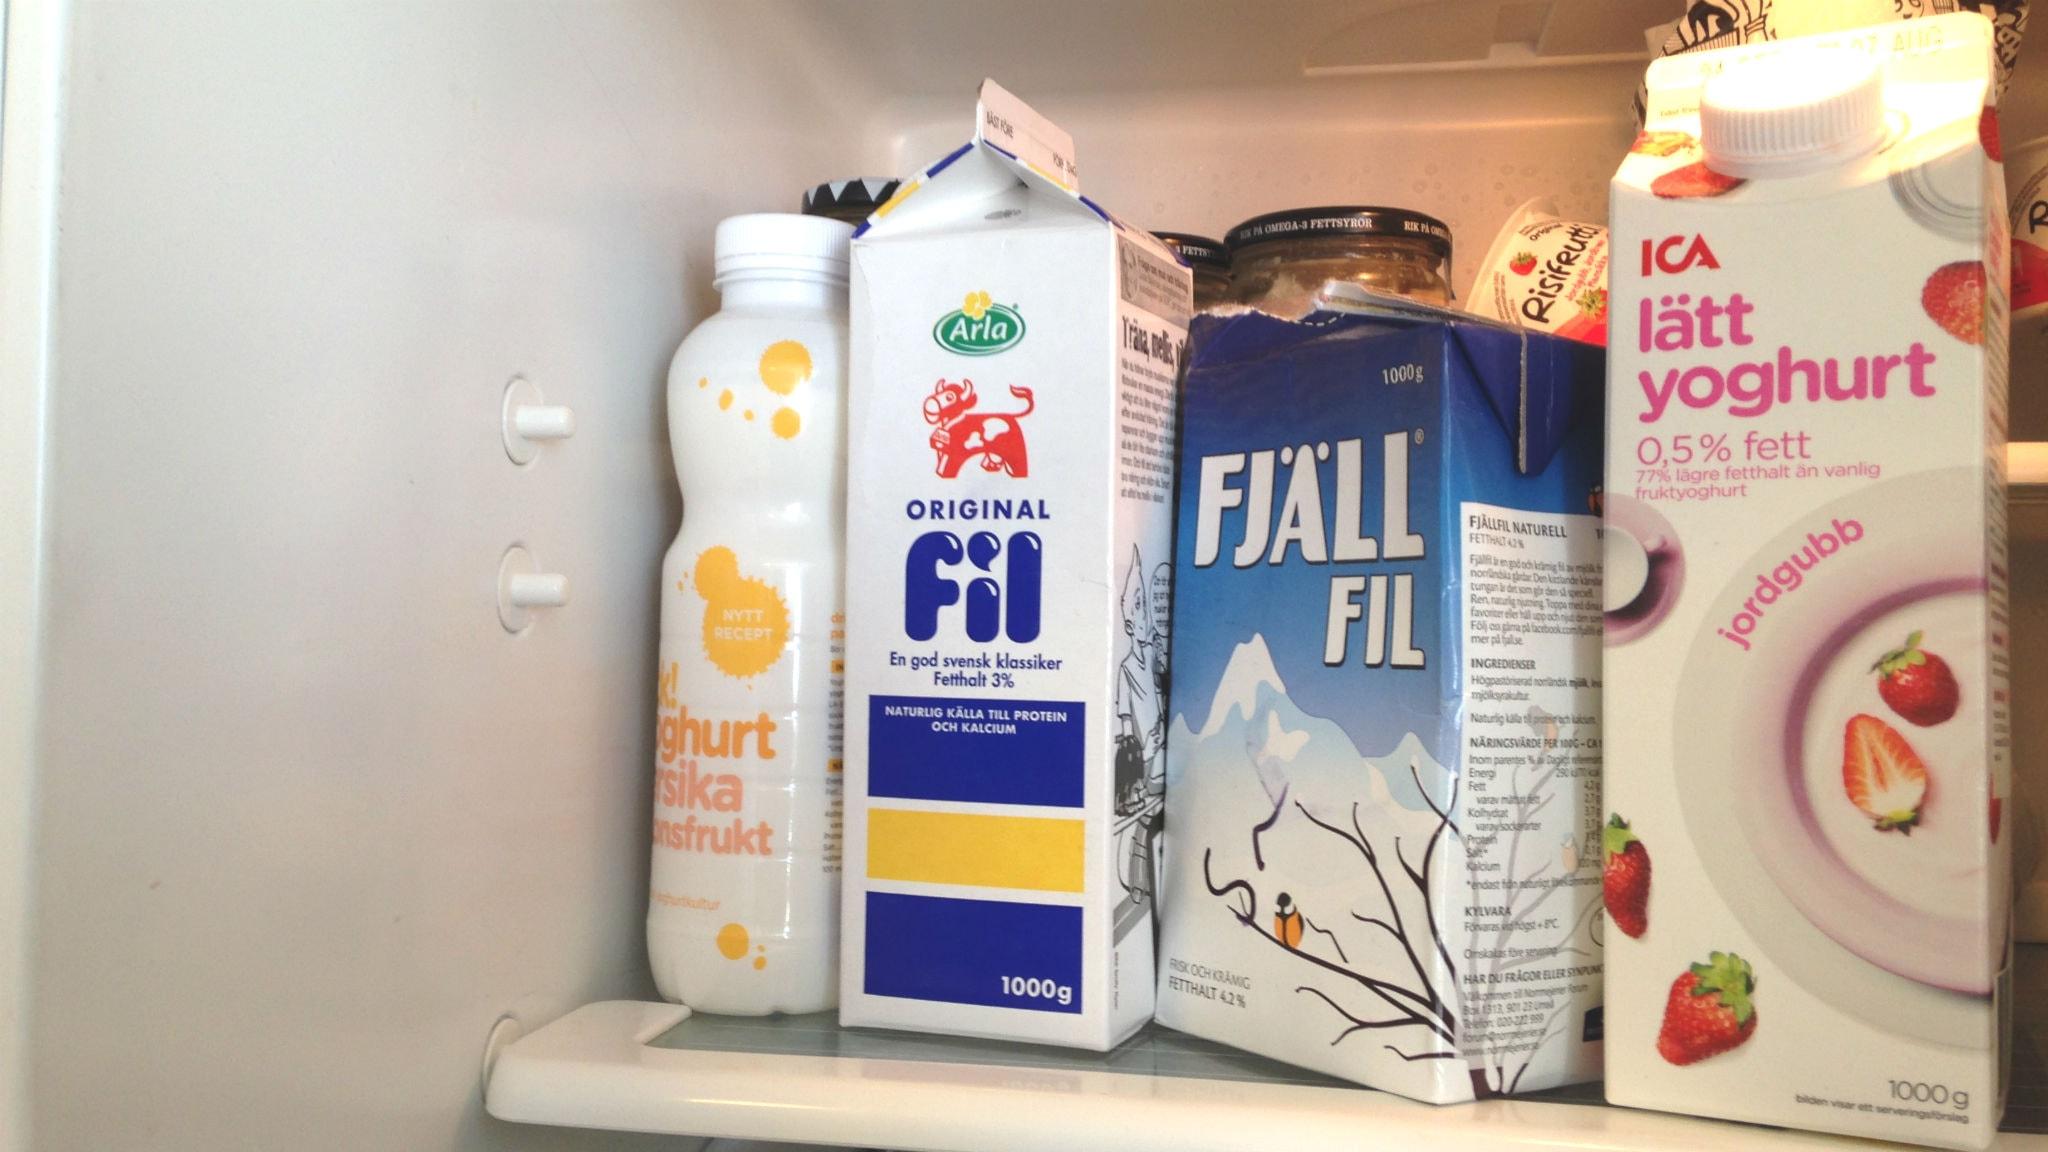 filmjölk eller yoghurt nyttigast